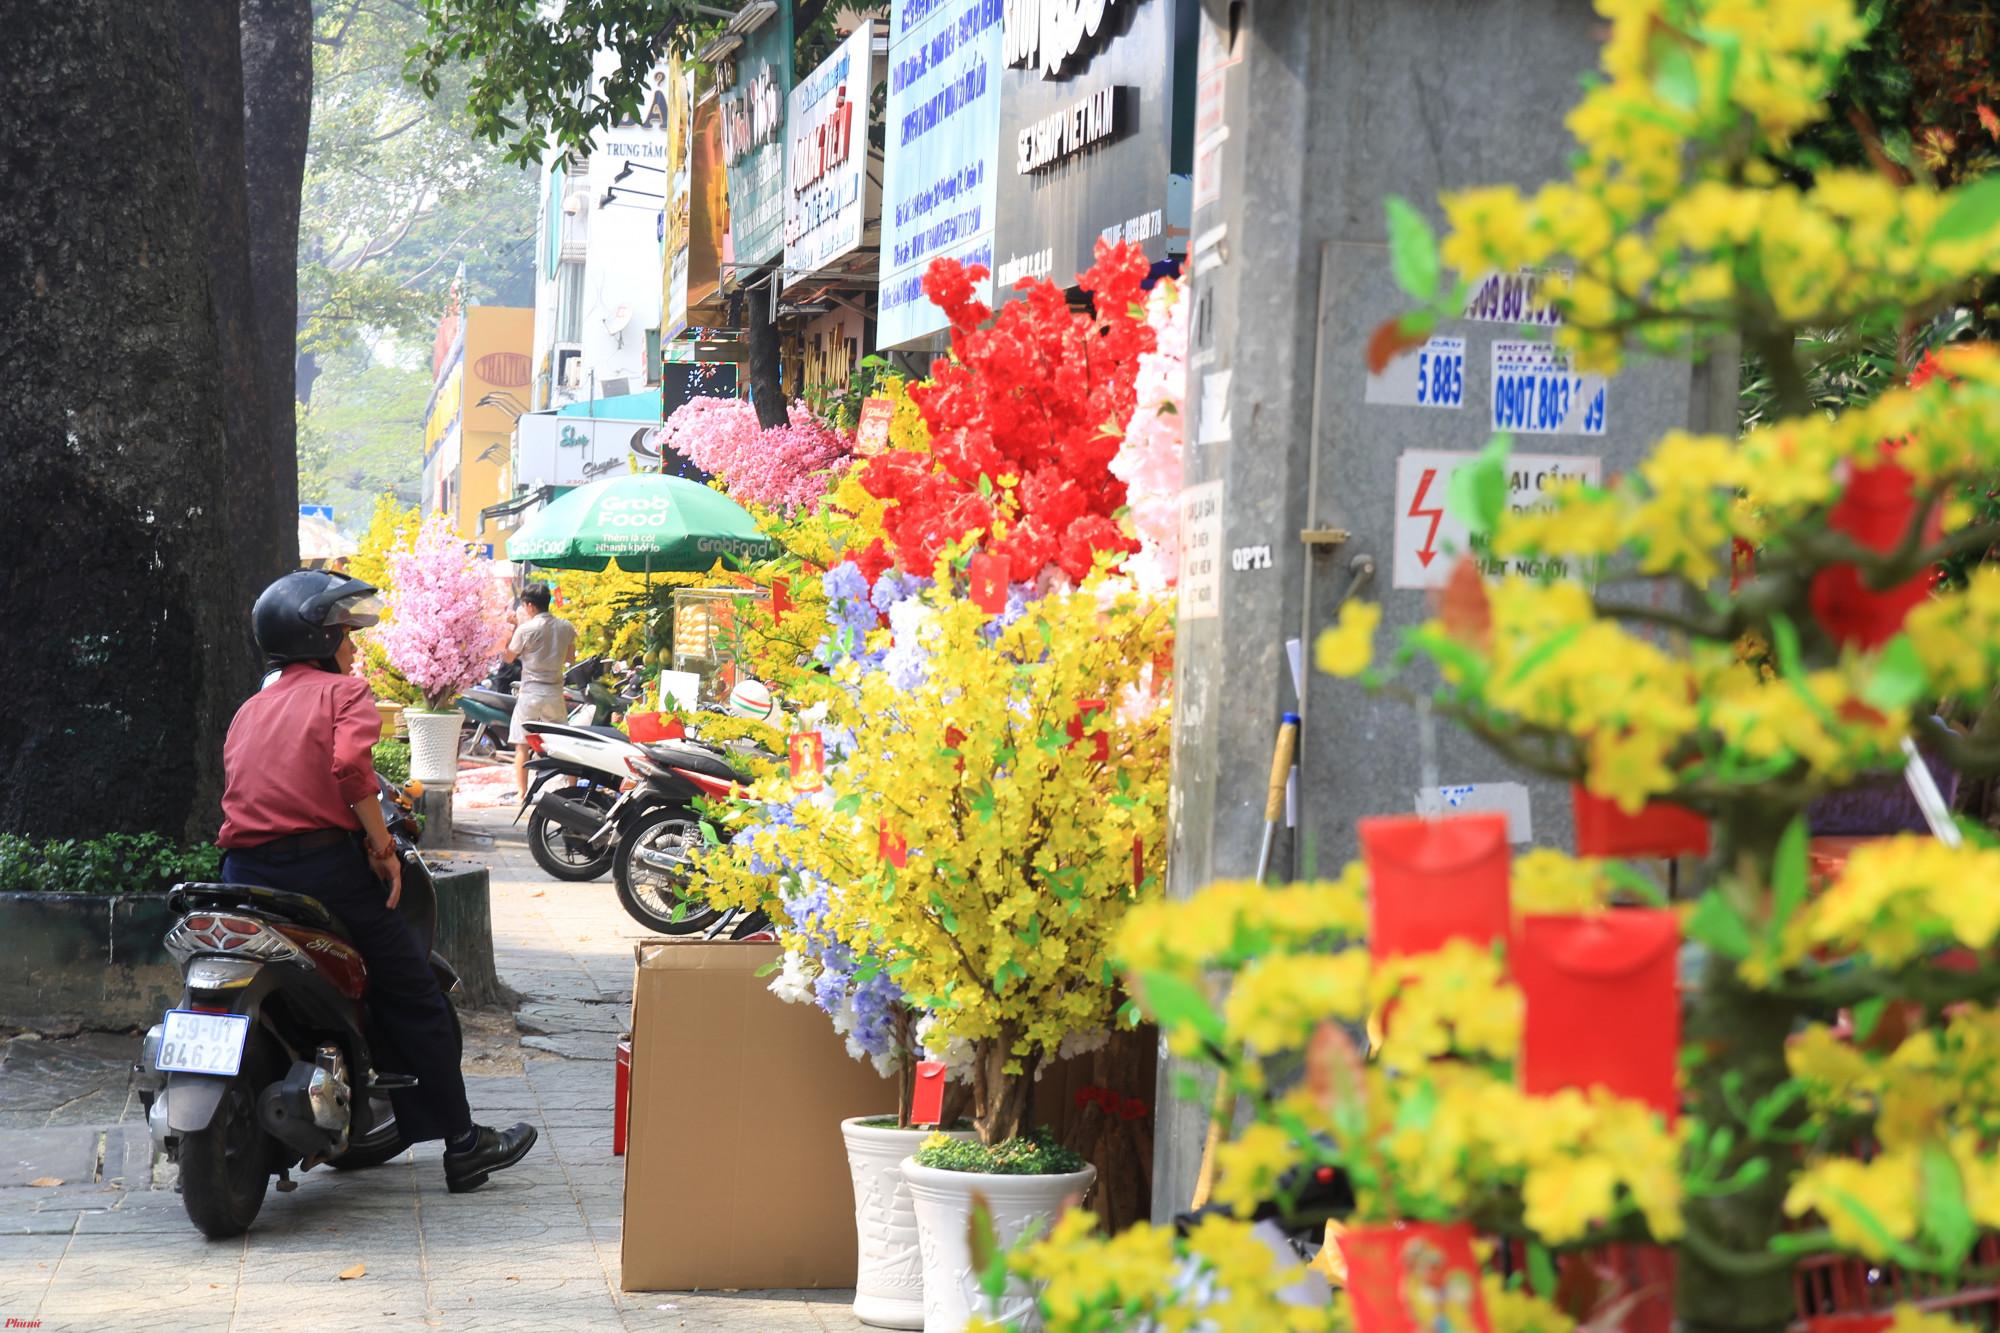 Trên một đoạn ngắn chưa đầy 2 km đường 3/2 (quận 10, TPHCM) có hơn chục cửa hàng bán hoa vải với chất liệu, mẫu mã không khác gì hoa thật.